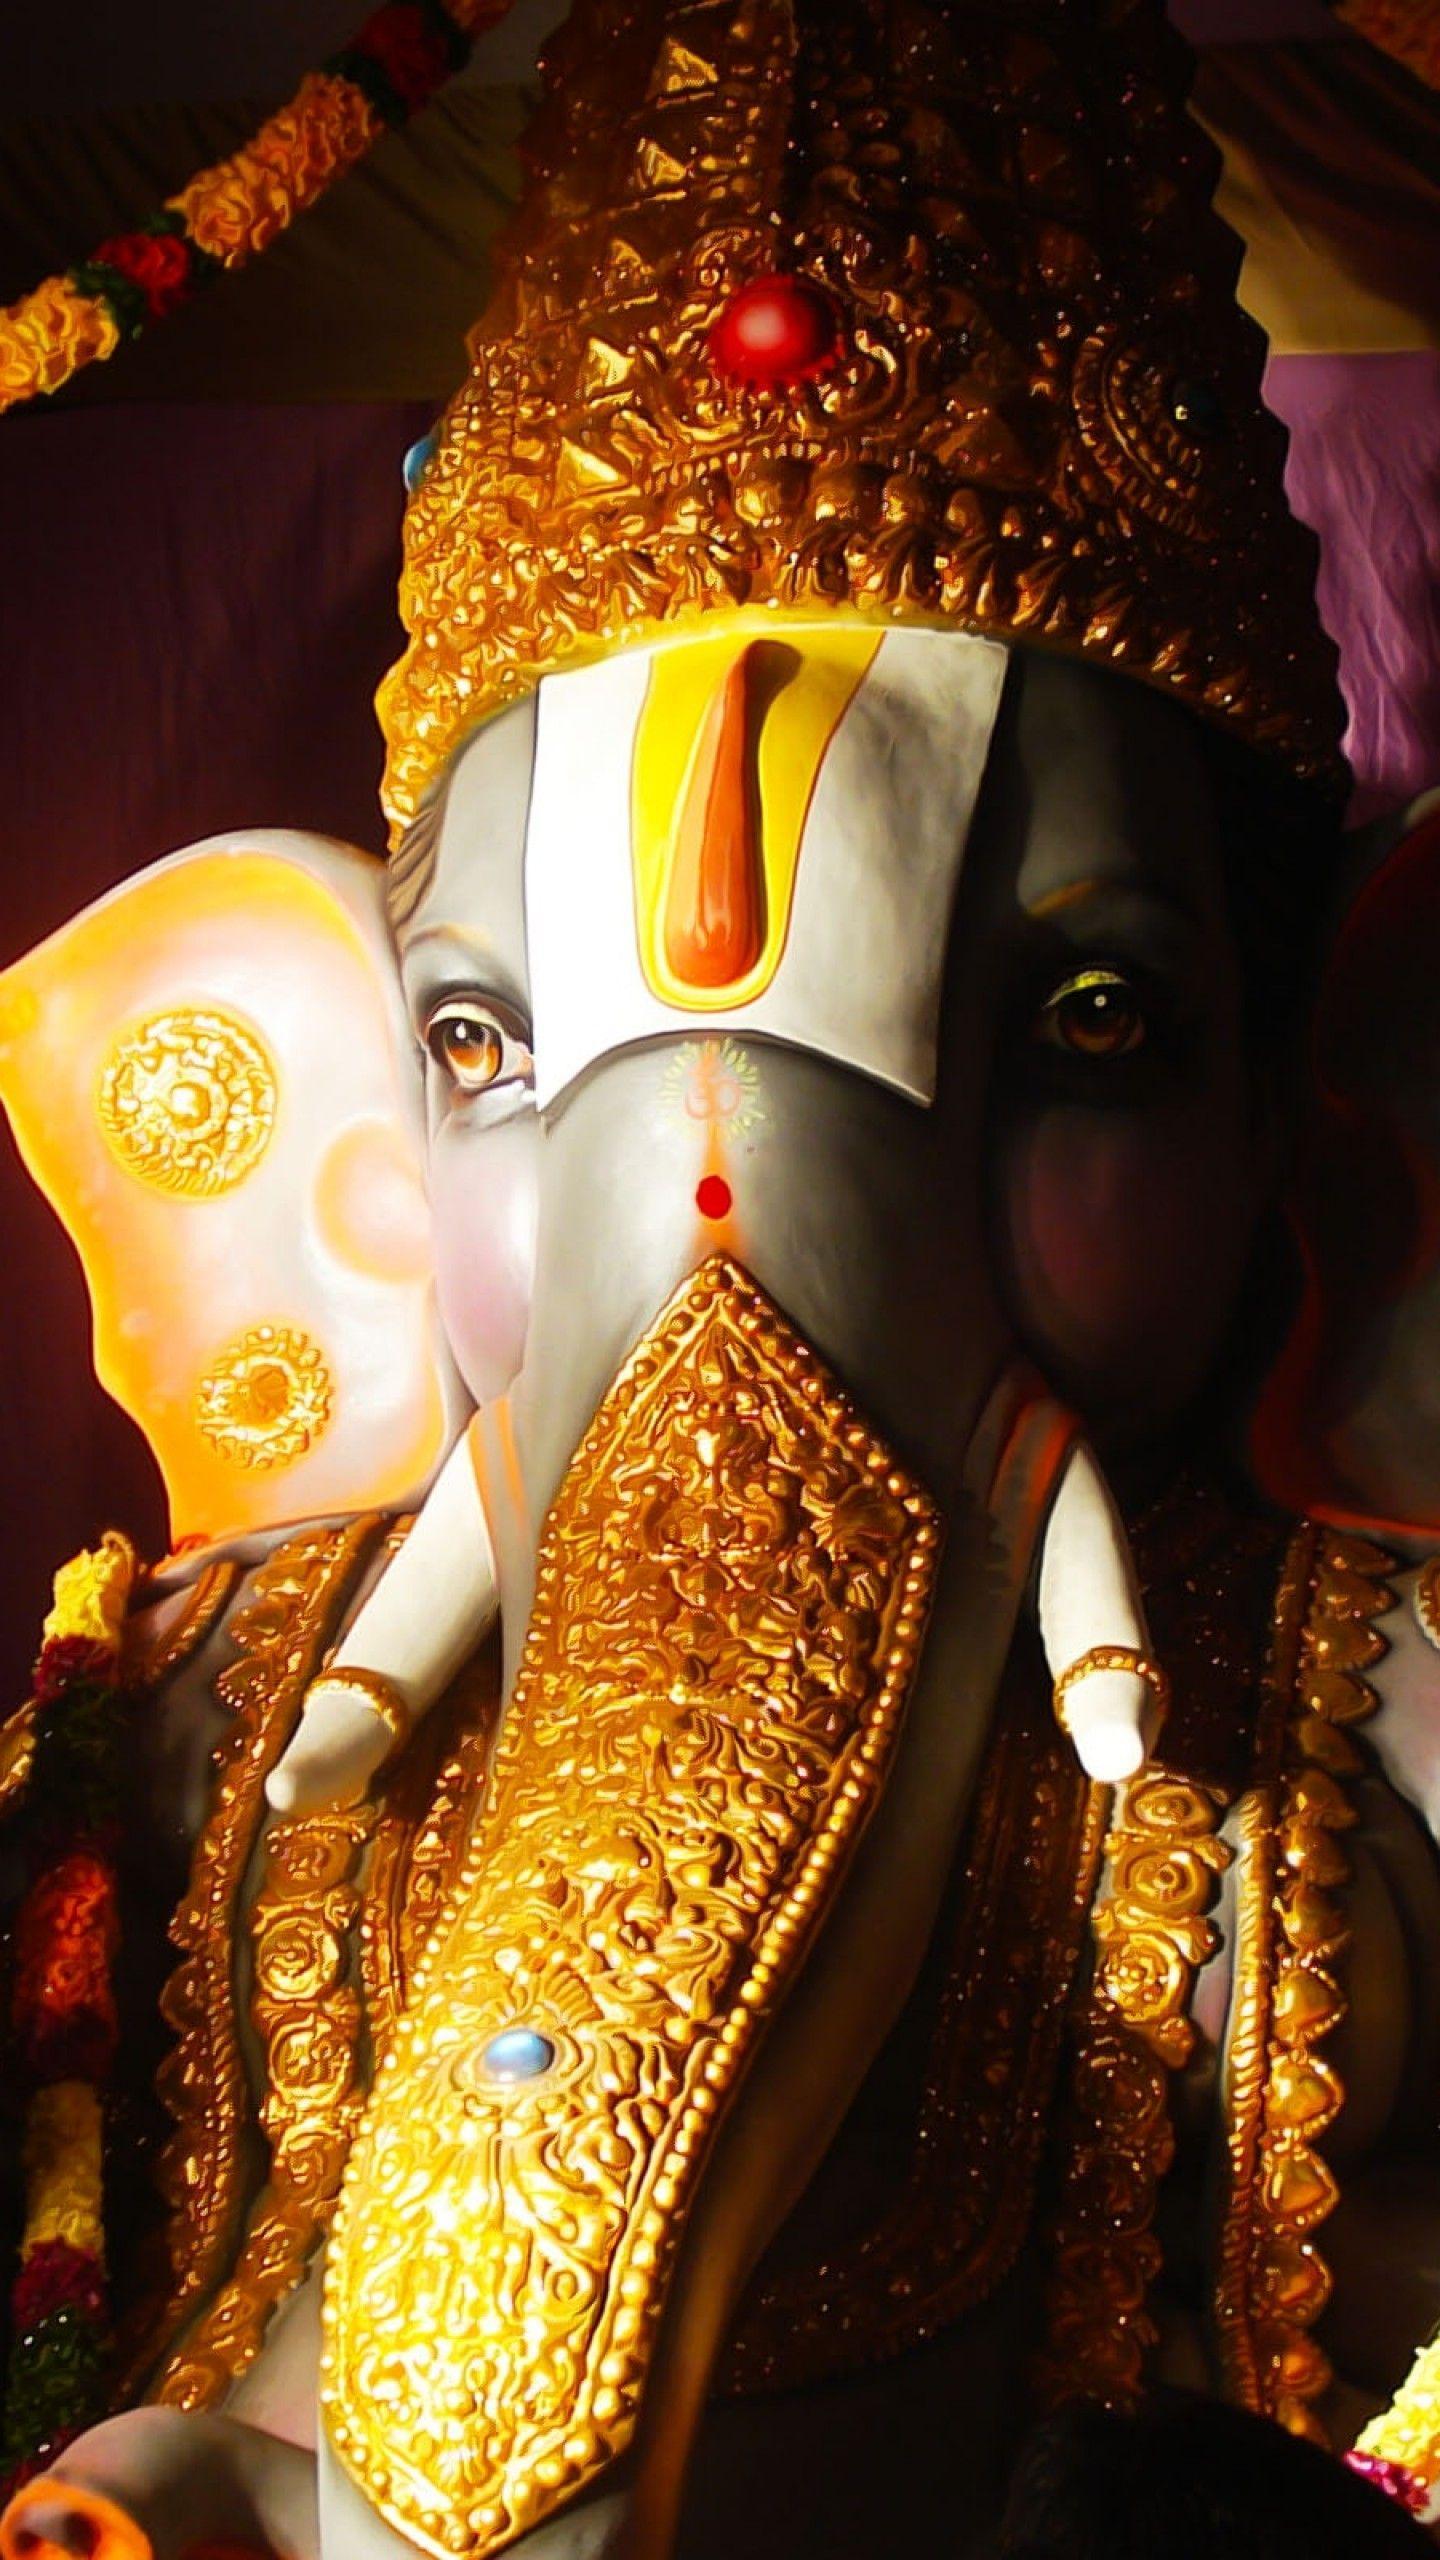 1440x2560 Hình nền Chúa Ganesha, Ganapati, Vinayaka, Thần Hindu, Độ phân giải cao, Lễ kỷ niệm ,.  Hình nền cho iPhone, Android, Di động và Máy tính để bàn